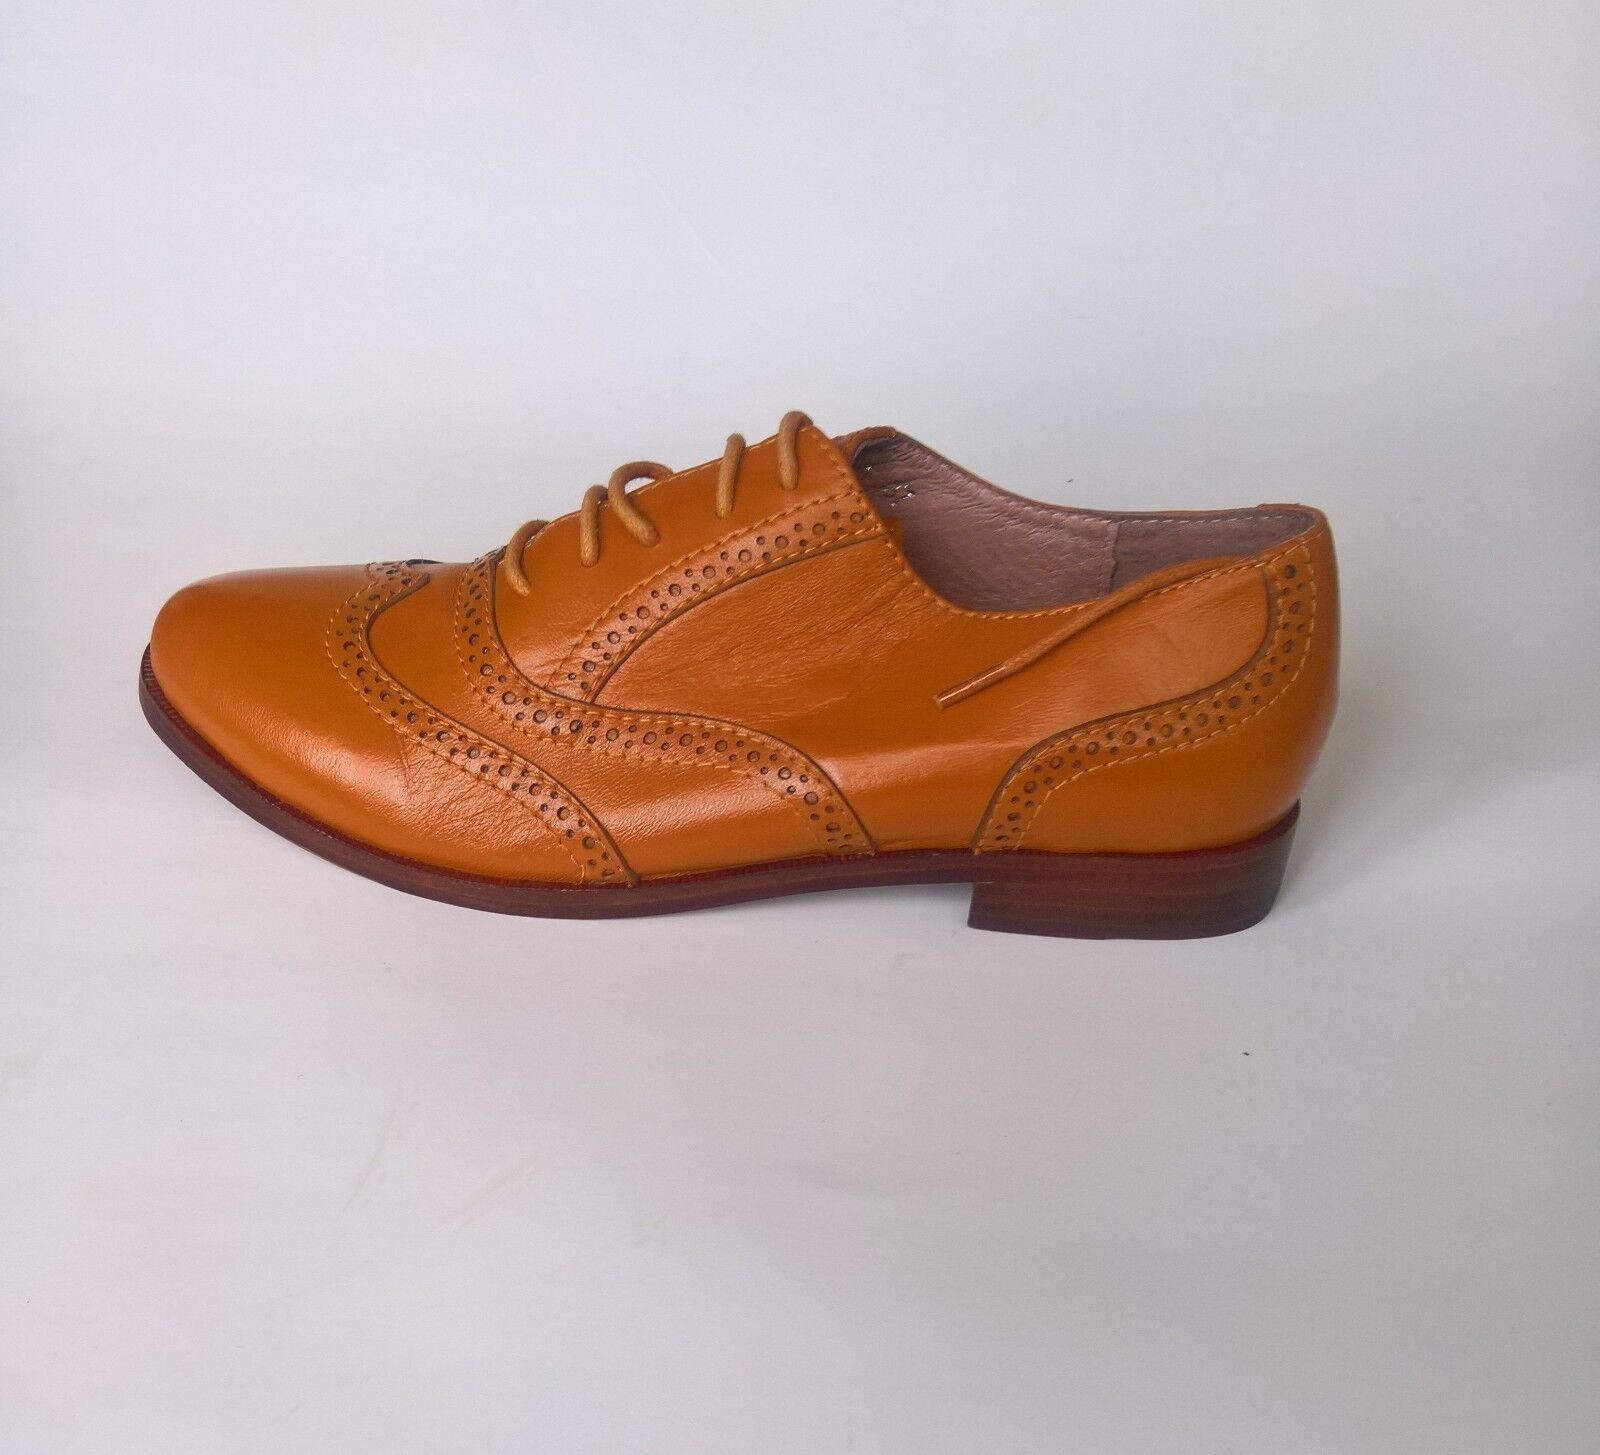 Zapatos De De De Cuero Thom marrón para mujer Wall Street Wing Tip Oxford Amarillo Talla 37  saludable